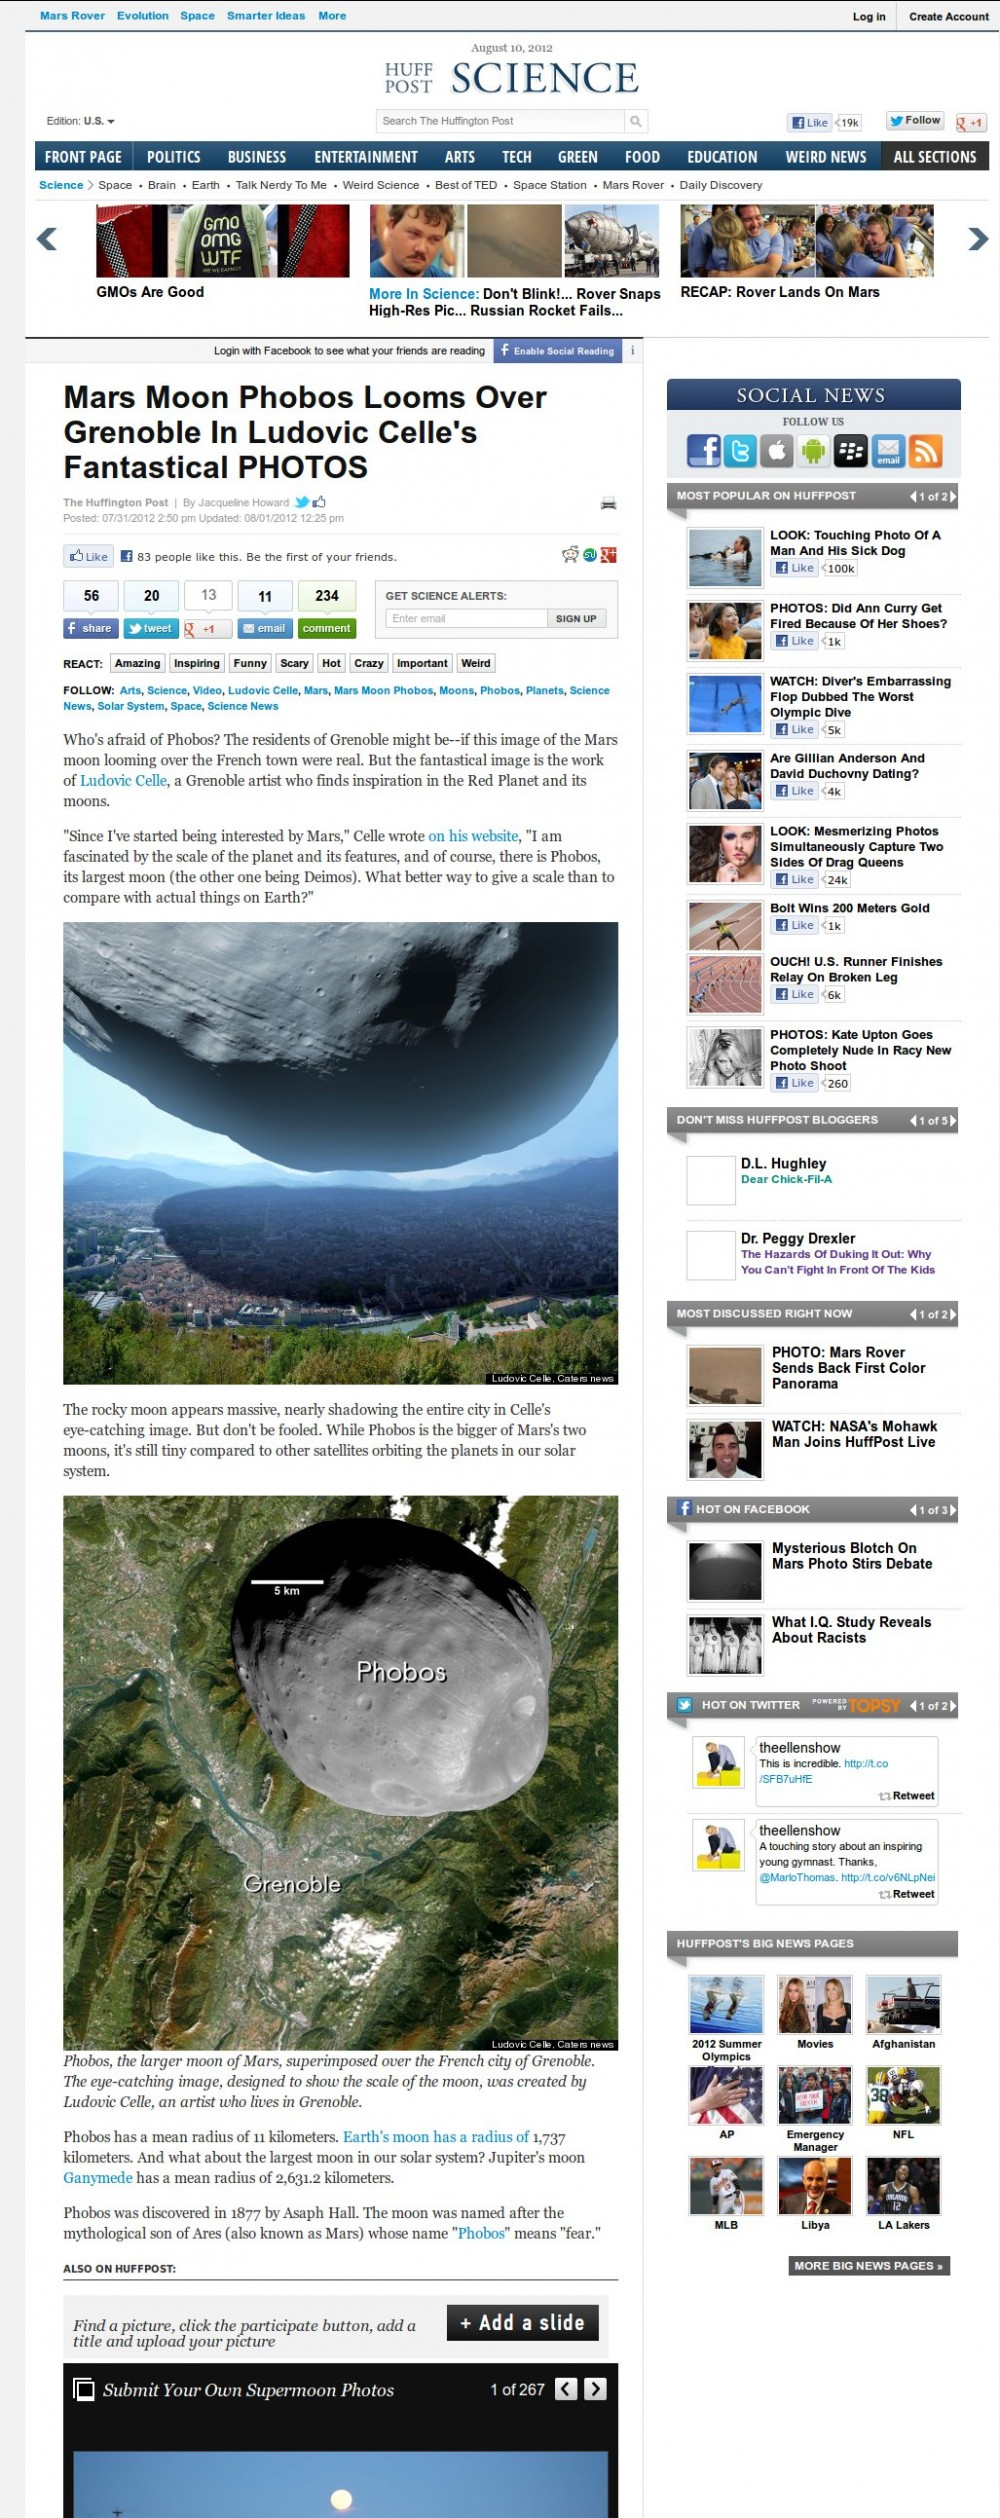 Presse-2012-HuffingtonPost-PhobosMontage